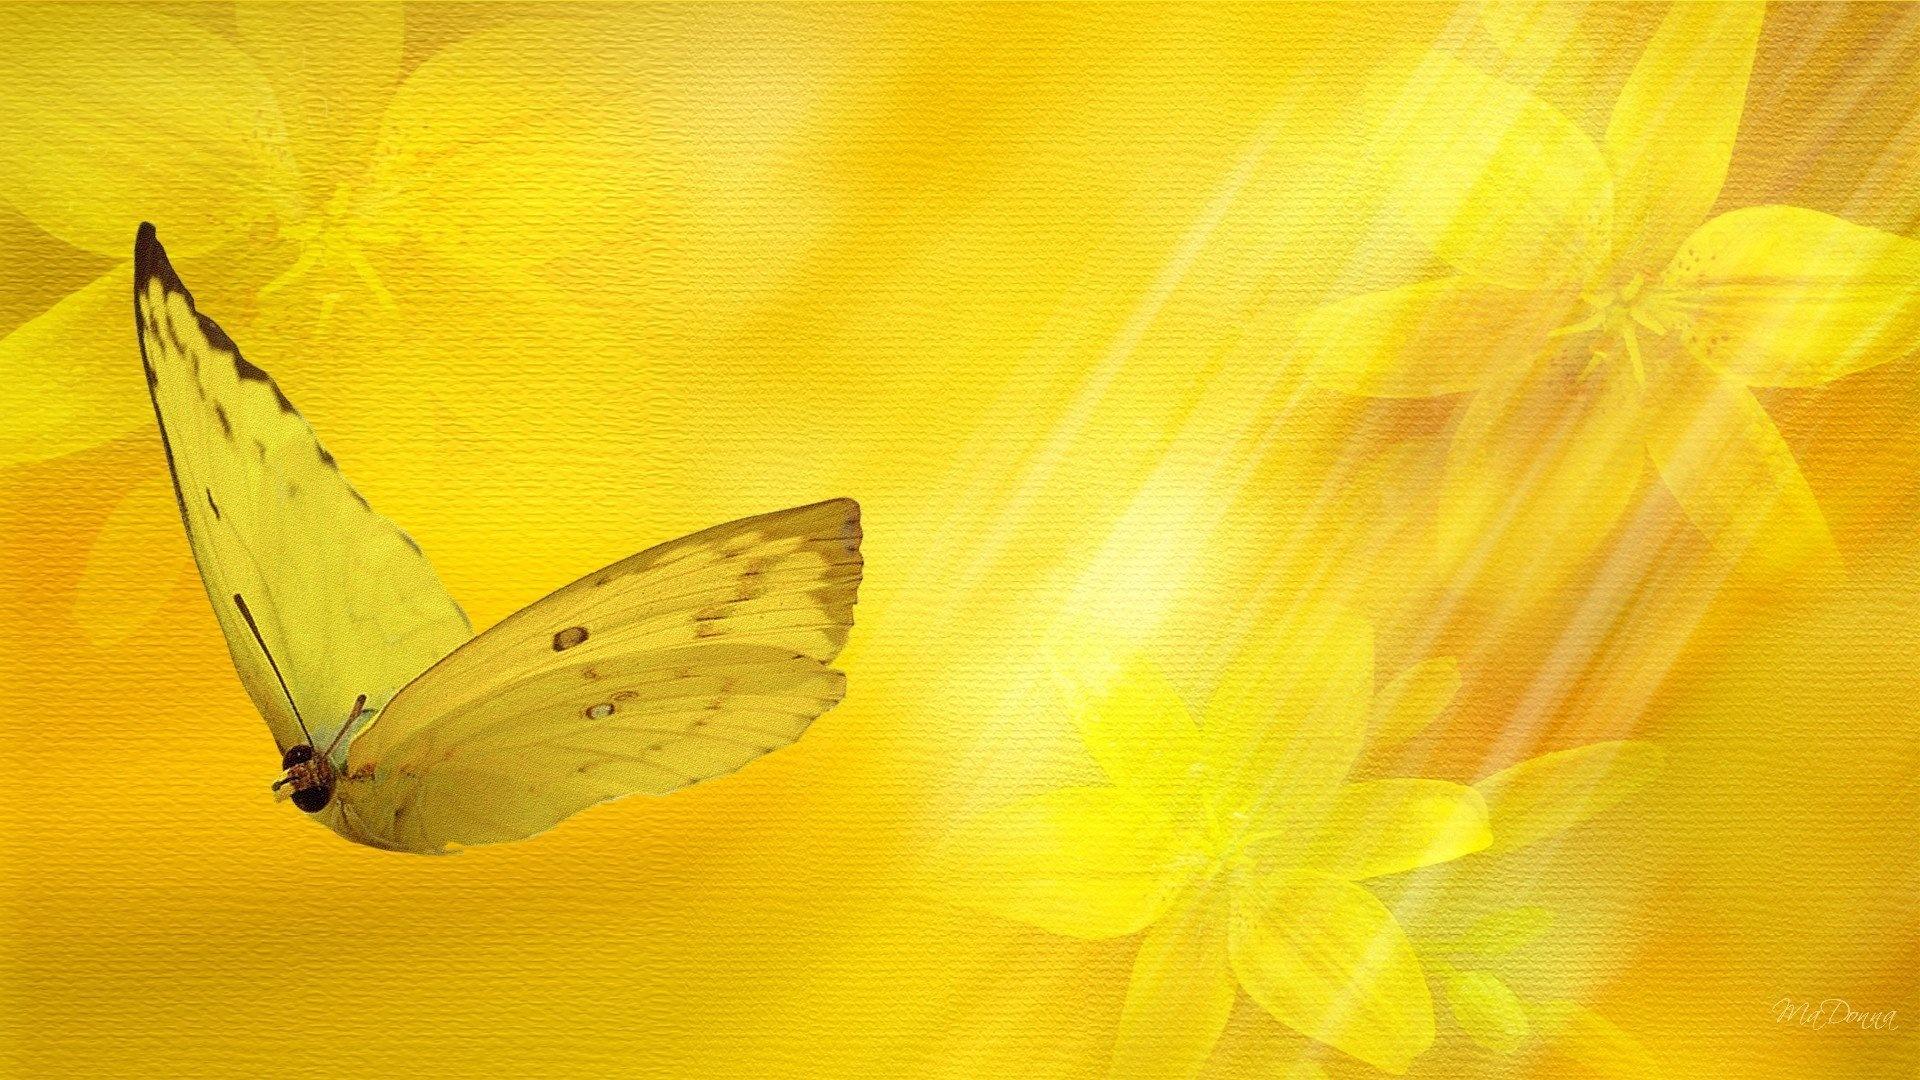 Butterfly desktop wallpaper free download